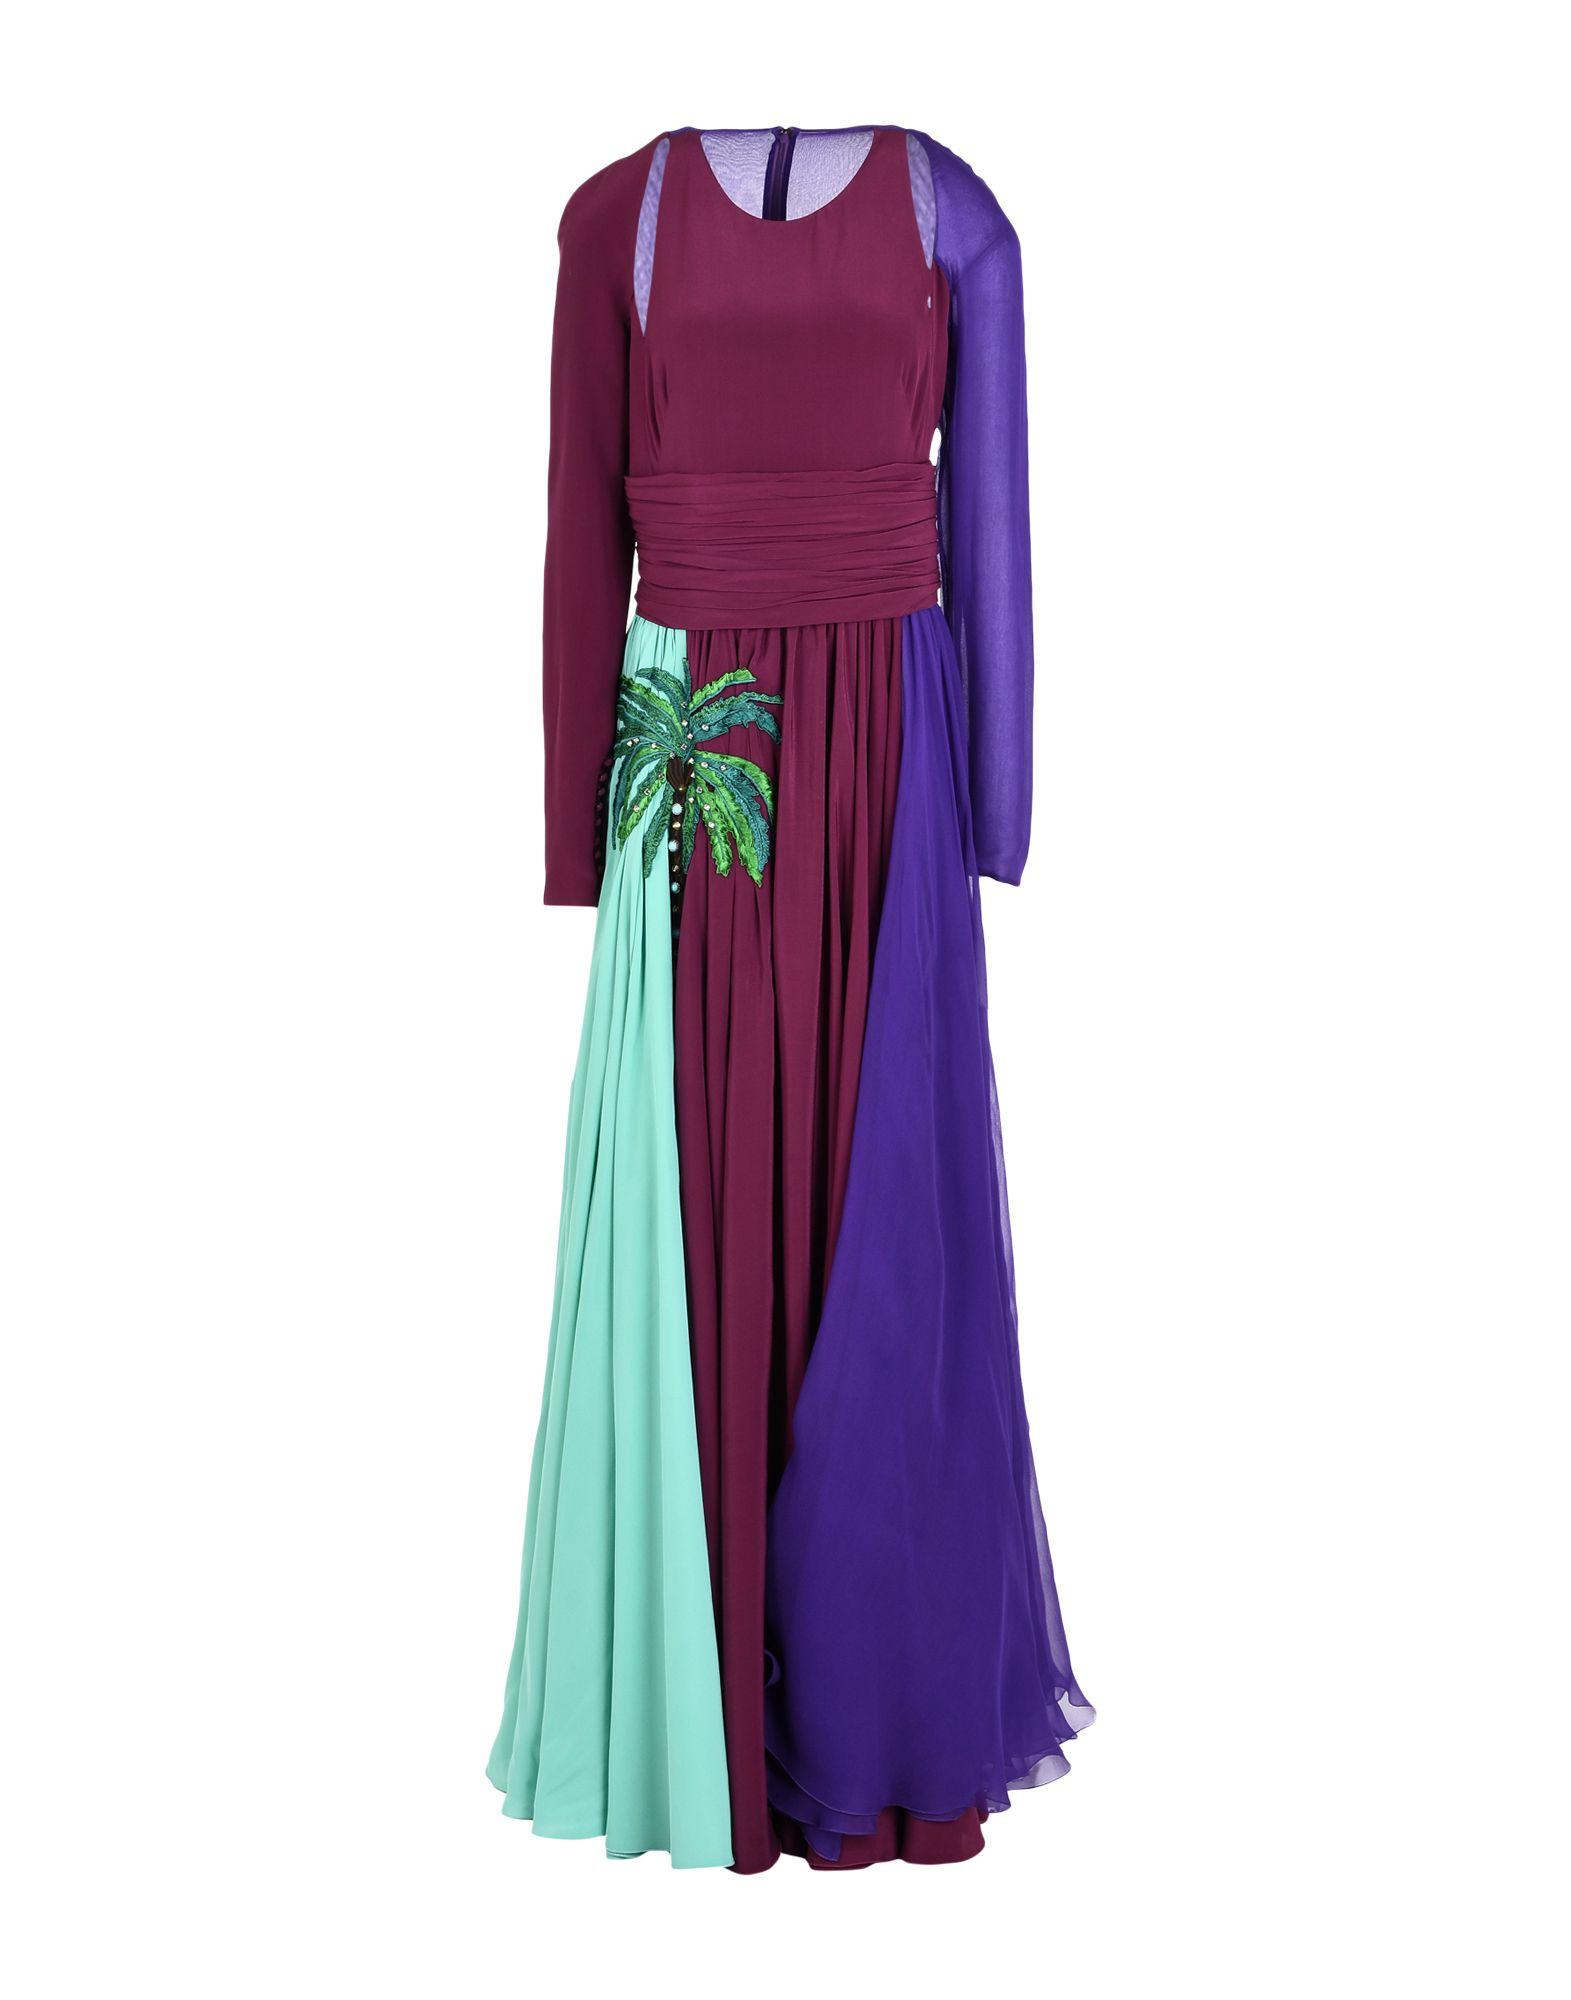 FAUSTO PUGLISI Длинное платье платье короткое спереди длинное сзади летнее